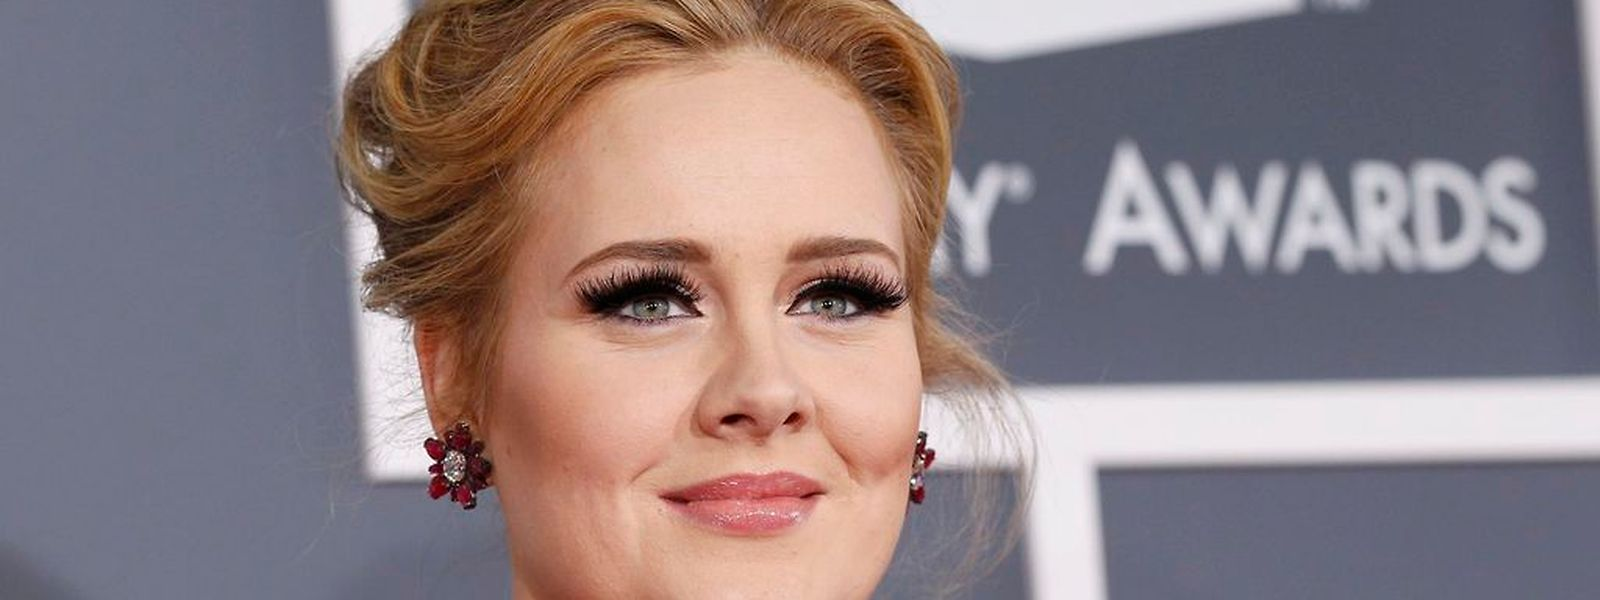 """Adele a connu un succès mondial avec son premier album """"19""""."""